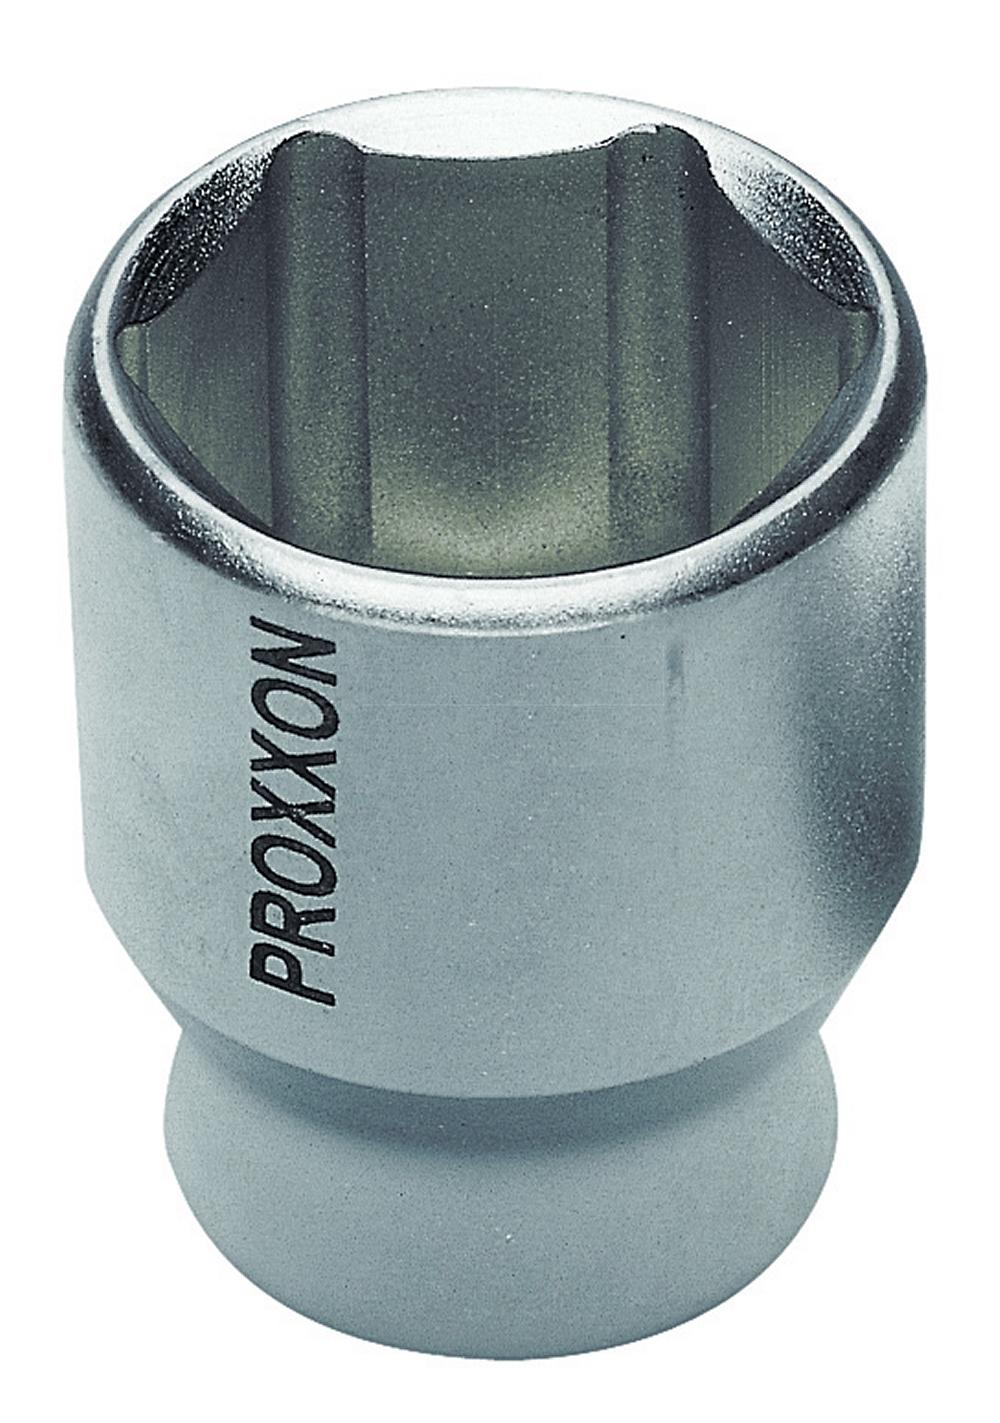 PROXXON 23422 Steckschlüsseleinsatz / Nuss 22mm Antrieb 12,5mm (1/2')